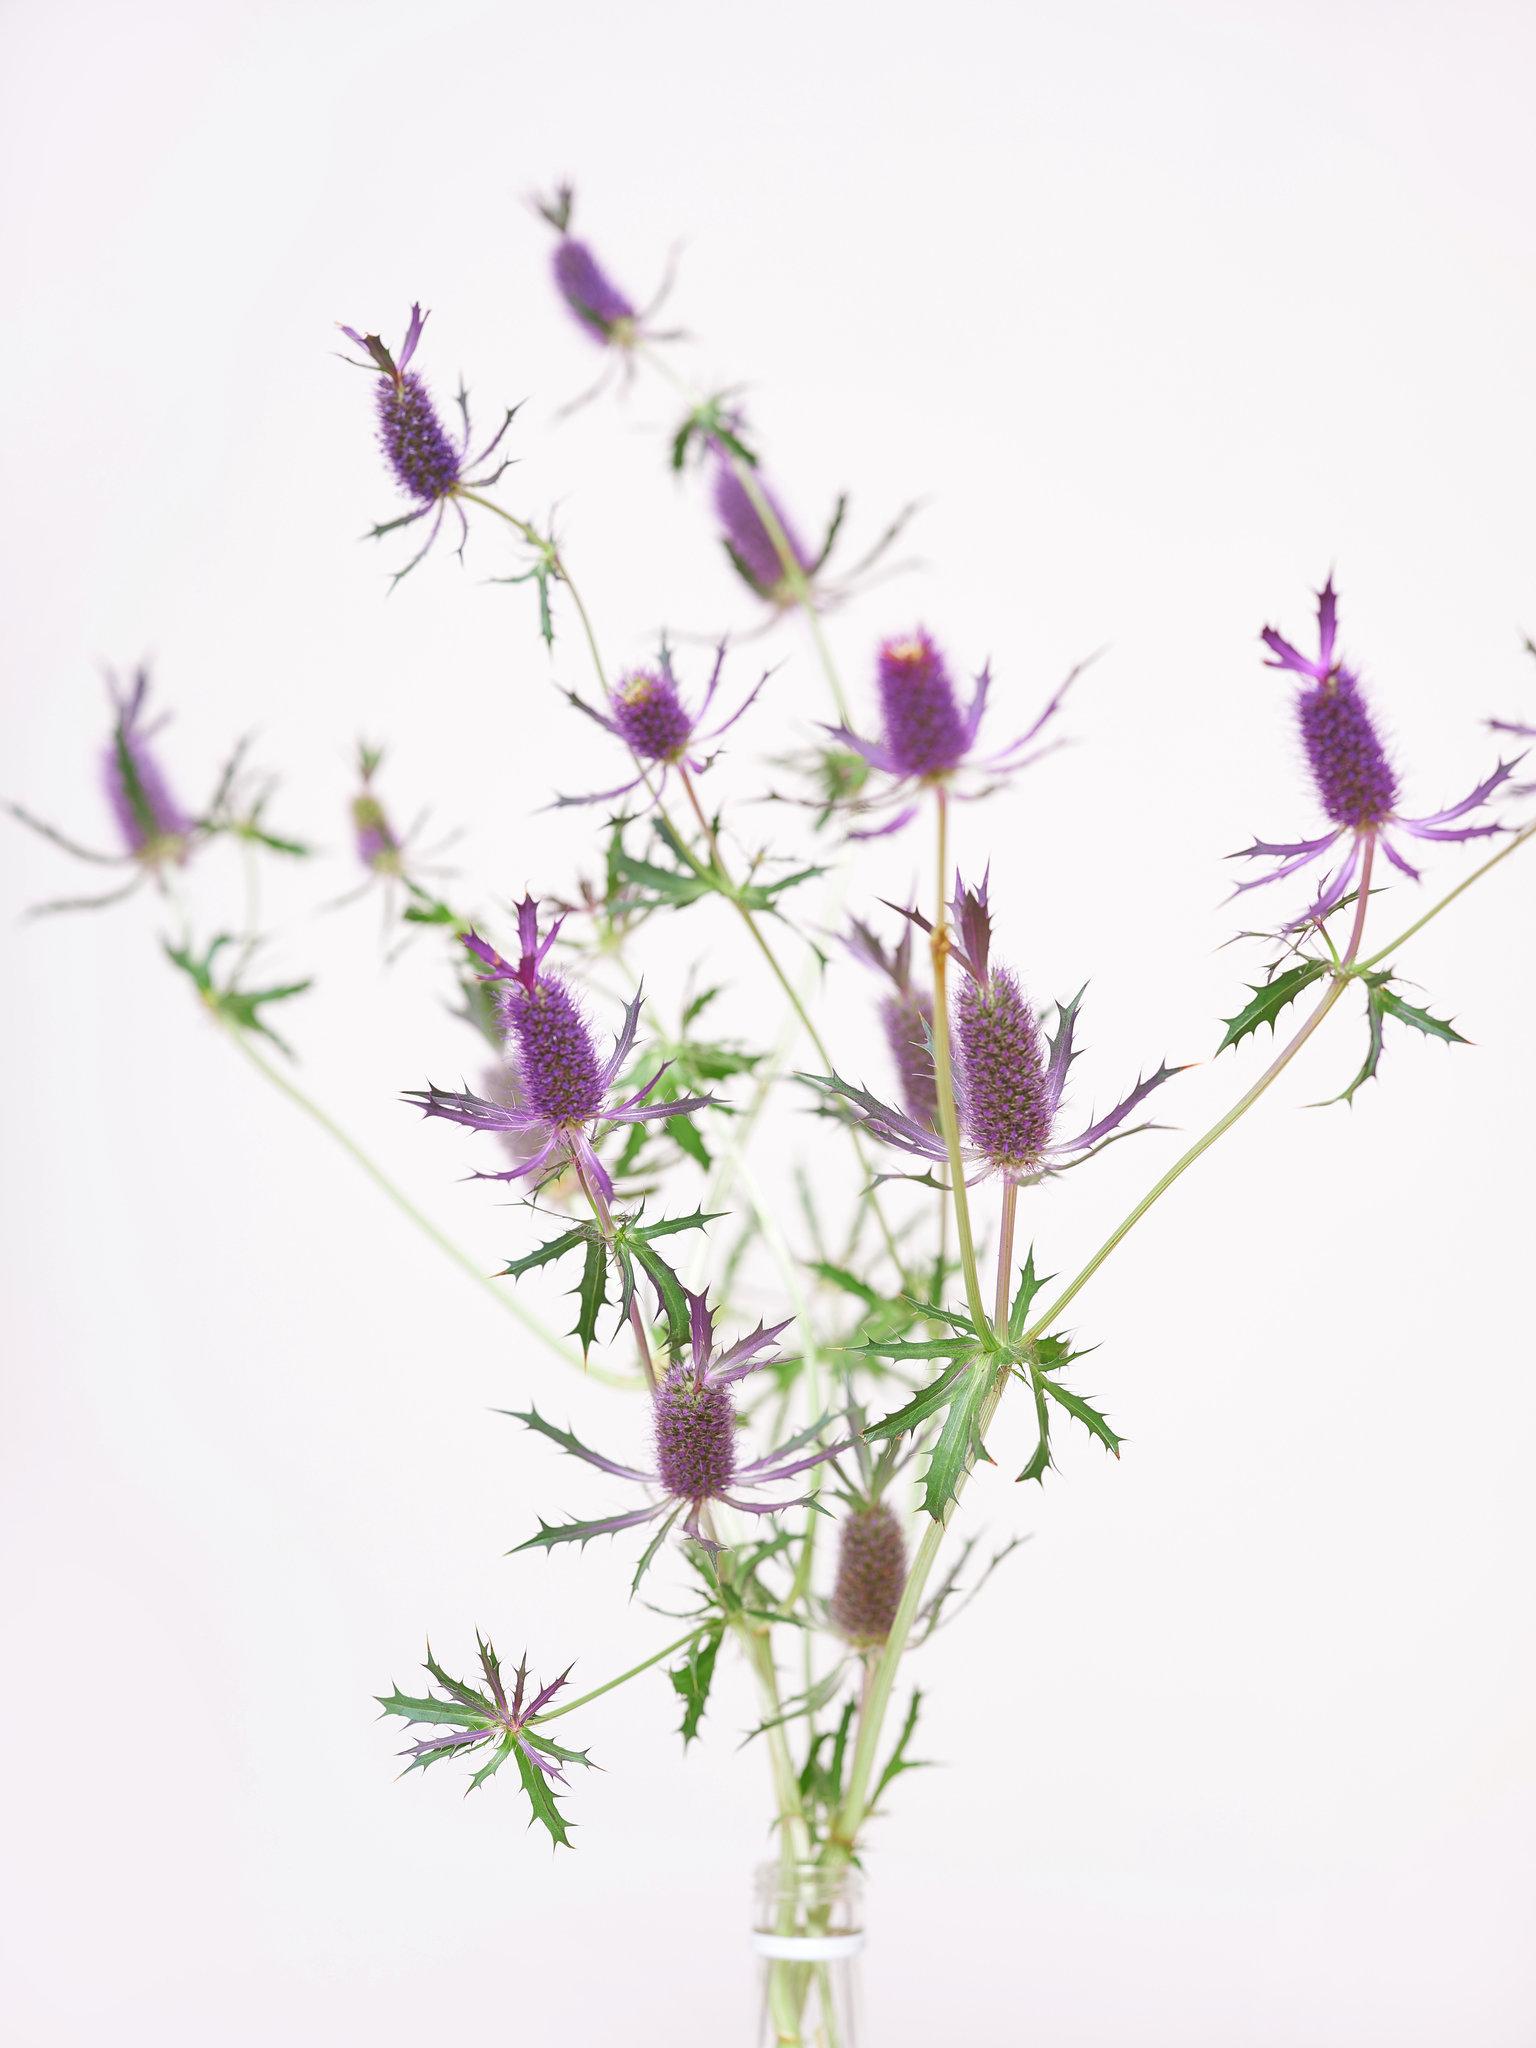 Flower_contius.jpg